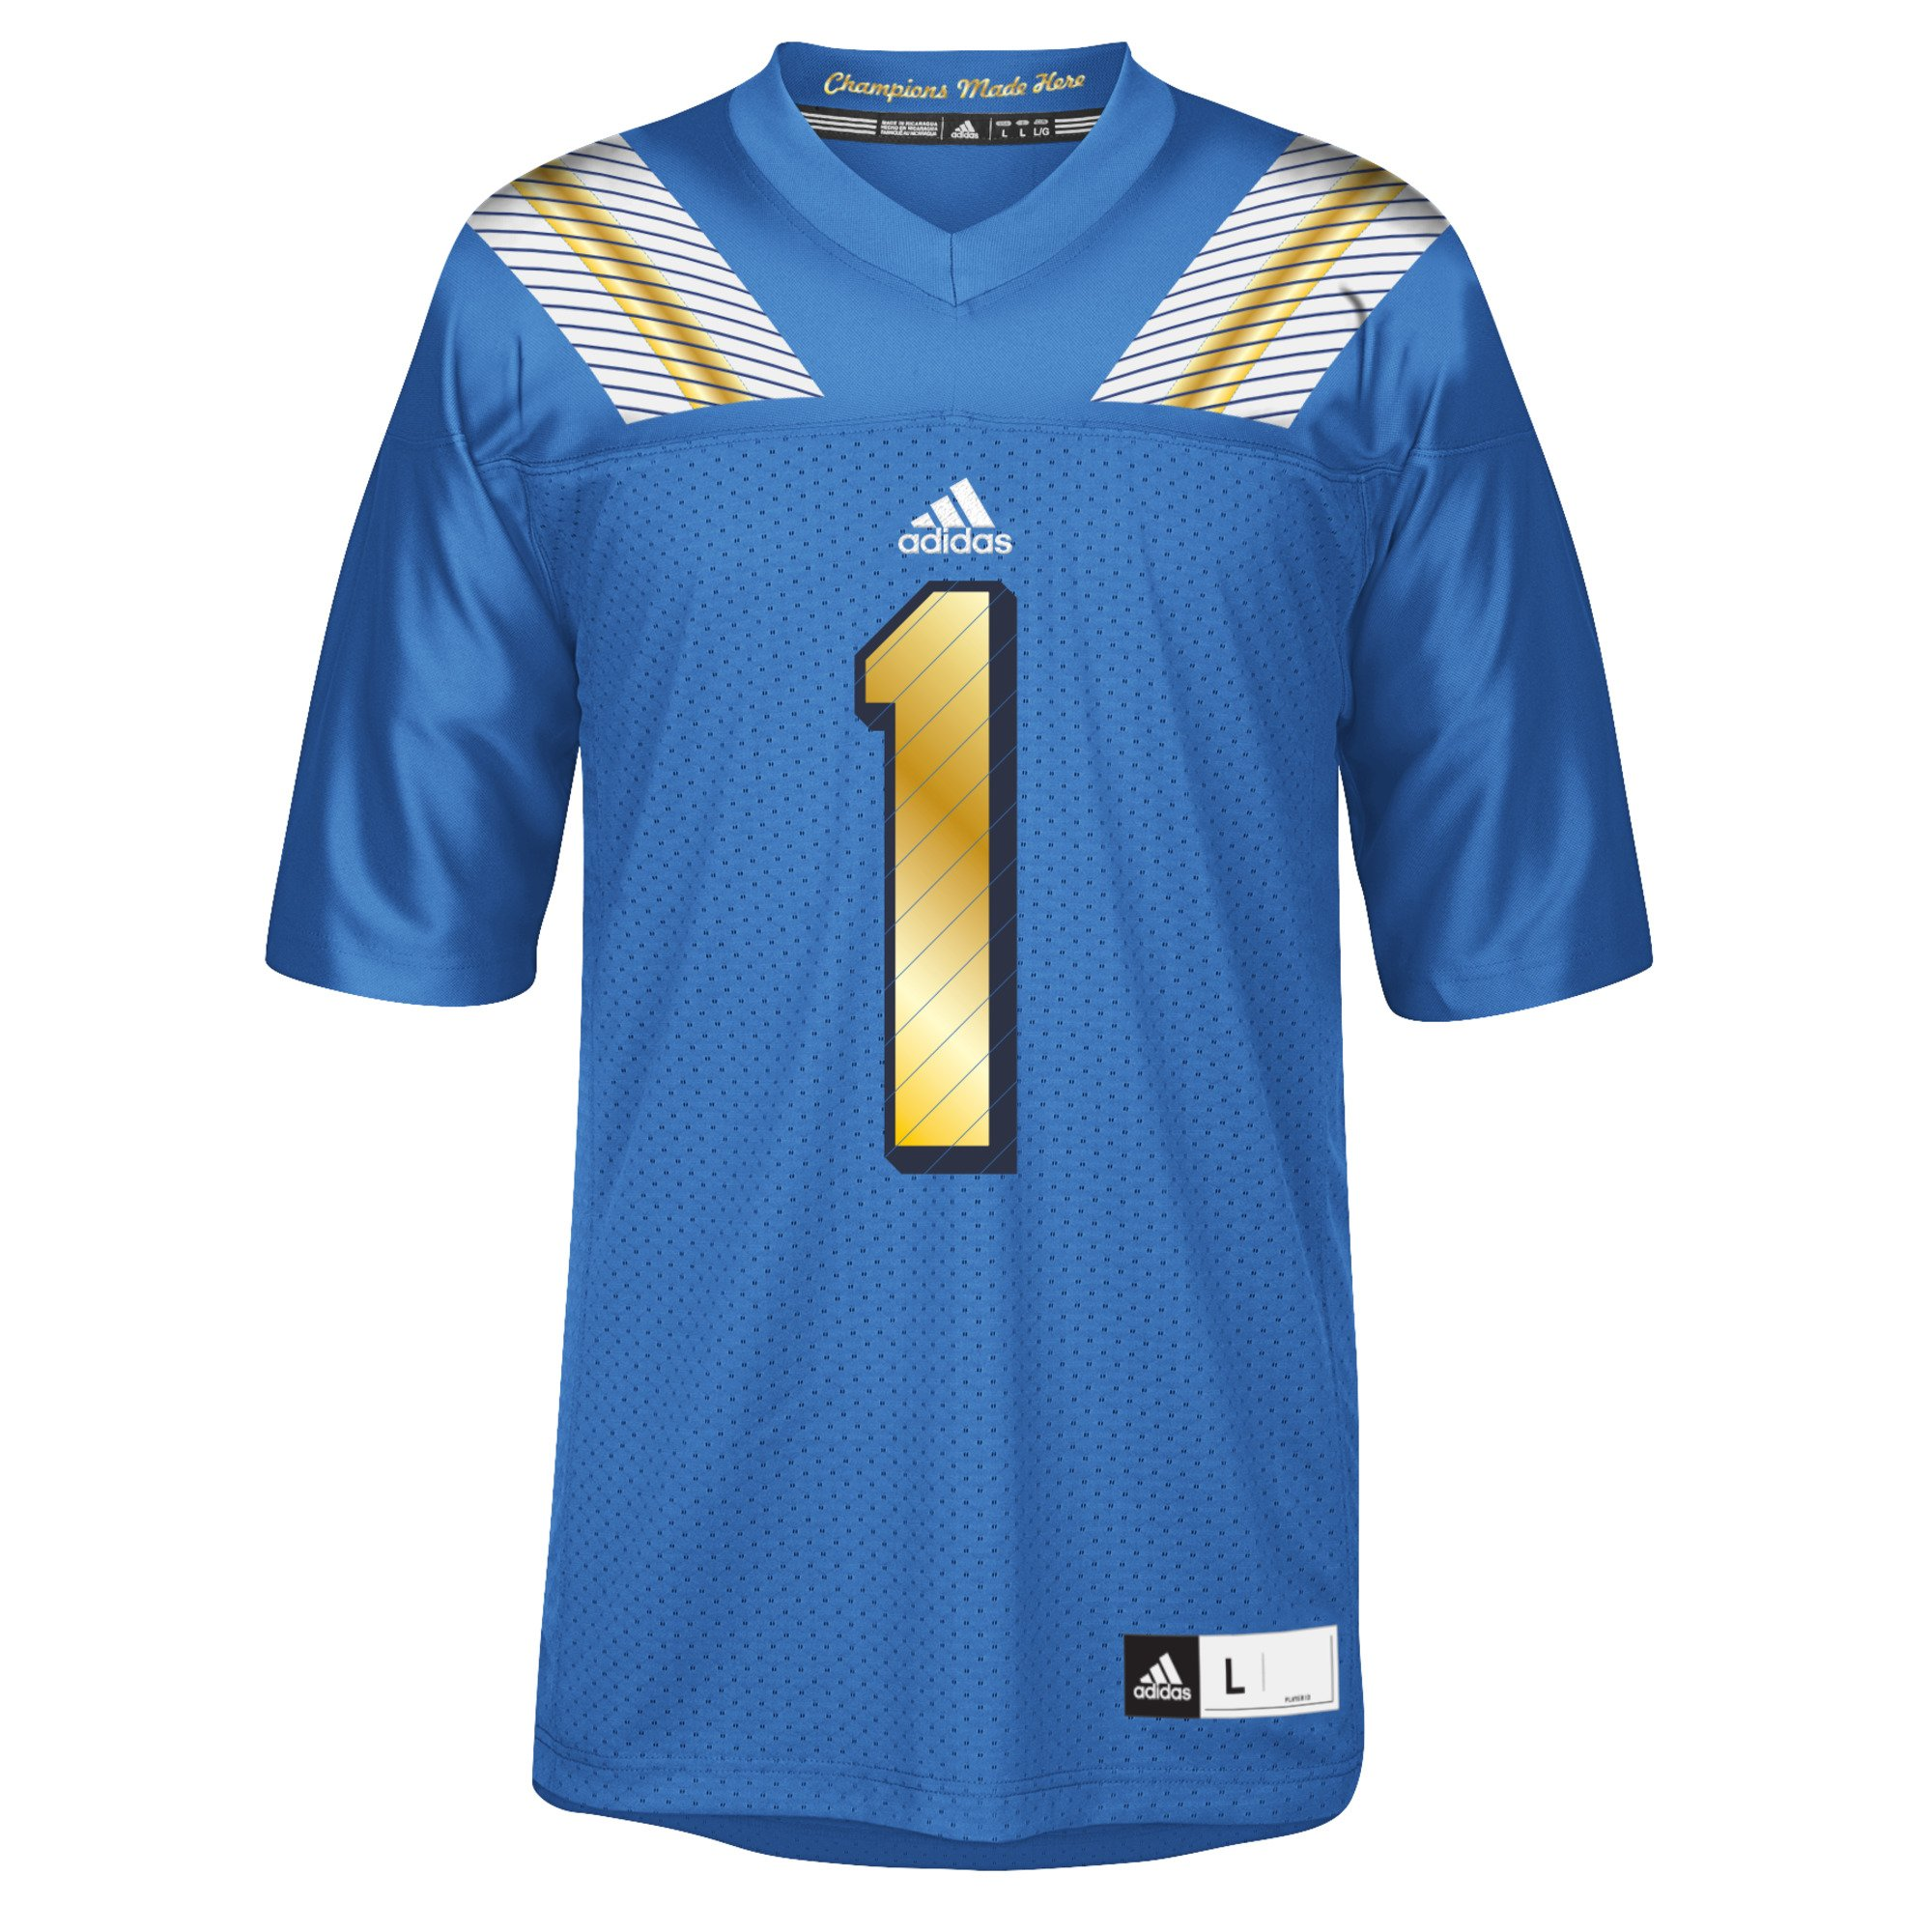 UCLA Bruins Adidas NCAA # 1 Réplica Football Jersey Camiseta – Blue, small: Amazon.es: Deportes y aire libre